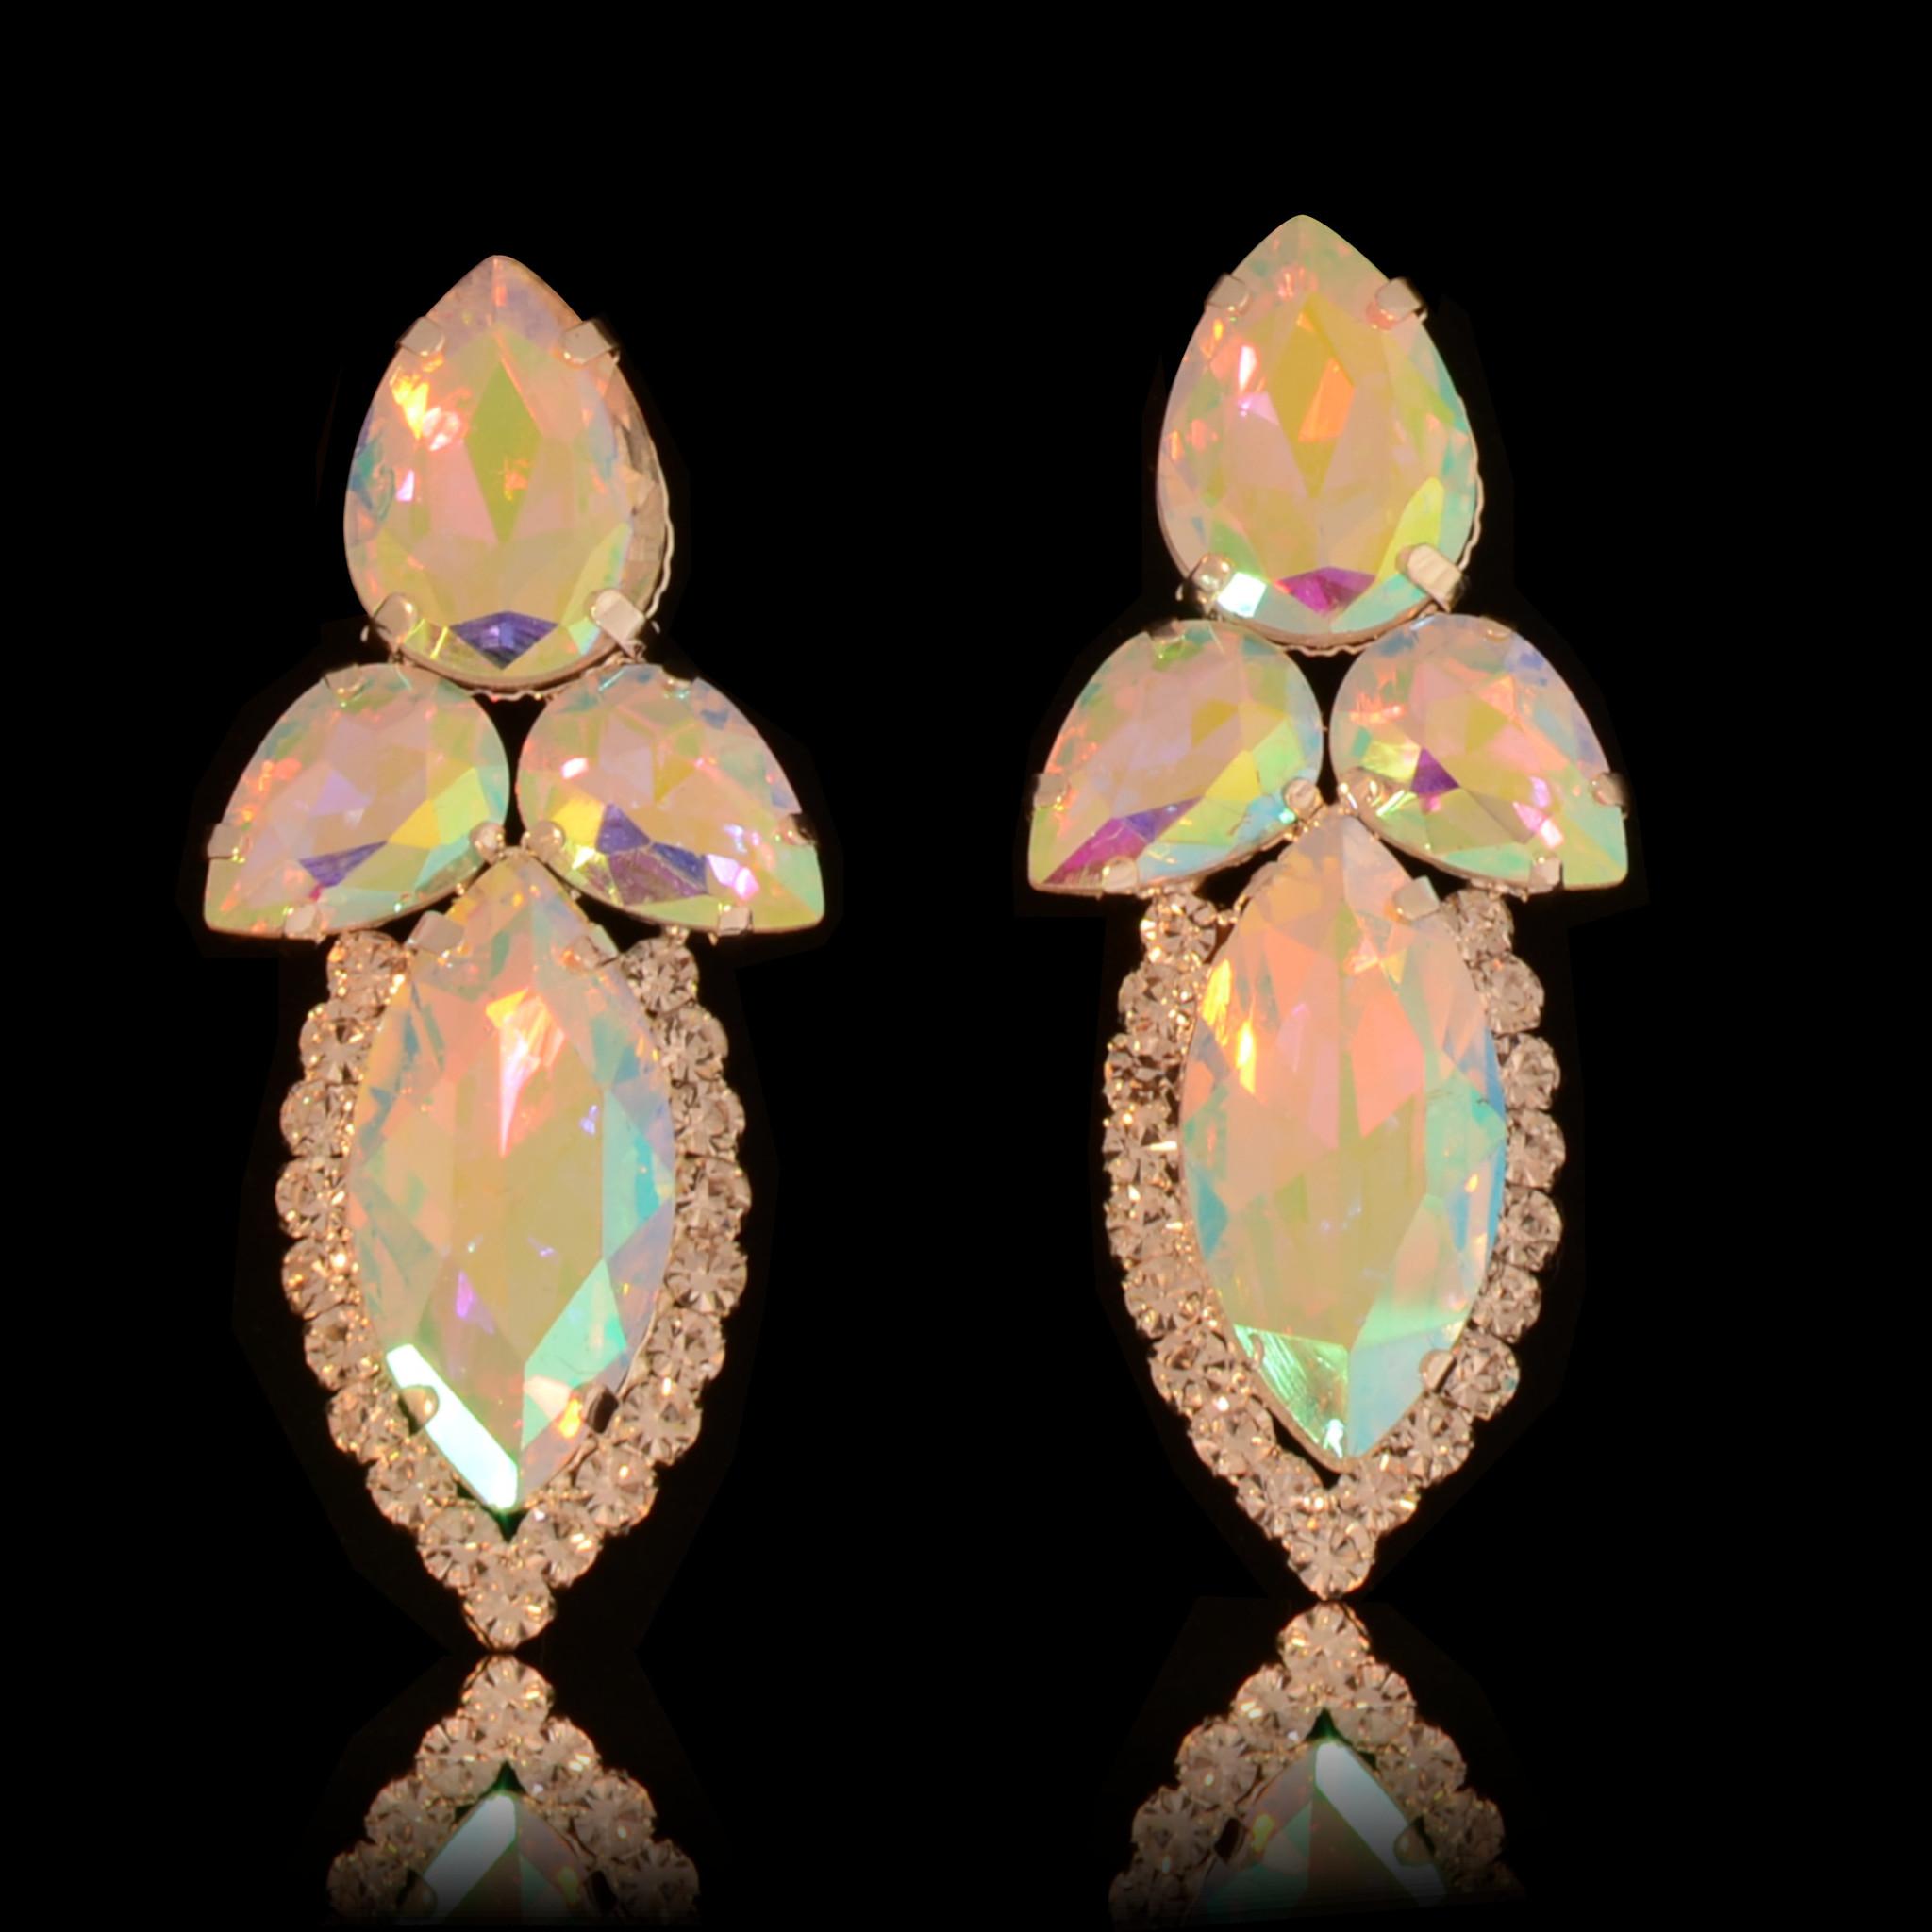 jewel for you //Bruids oorbel Shania - met AB kristallen